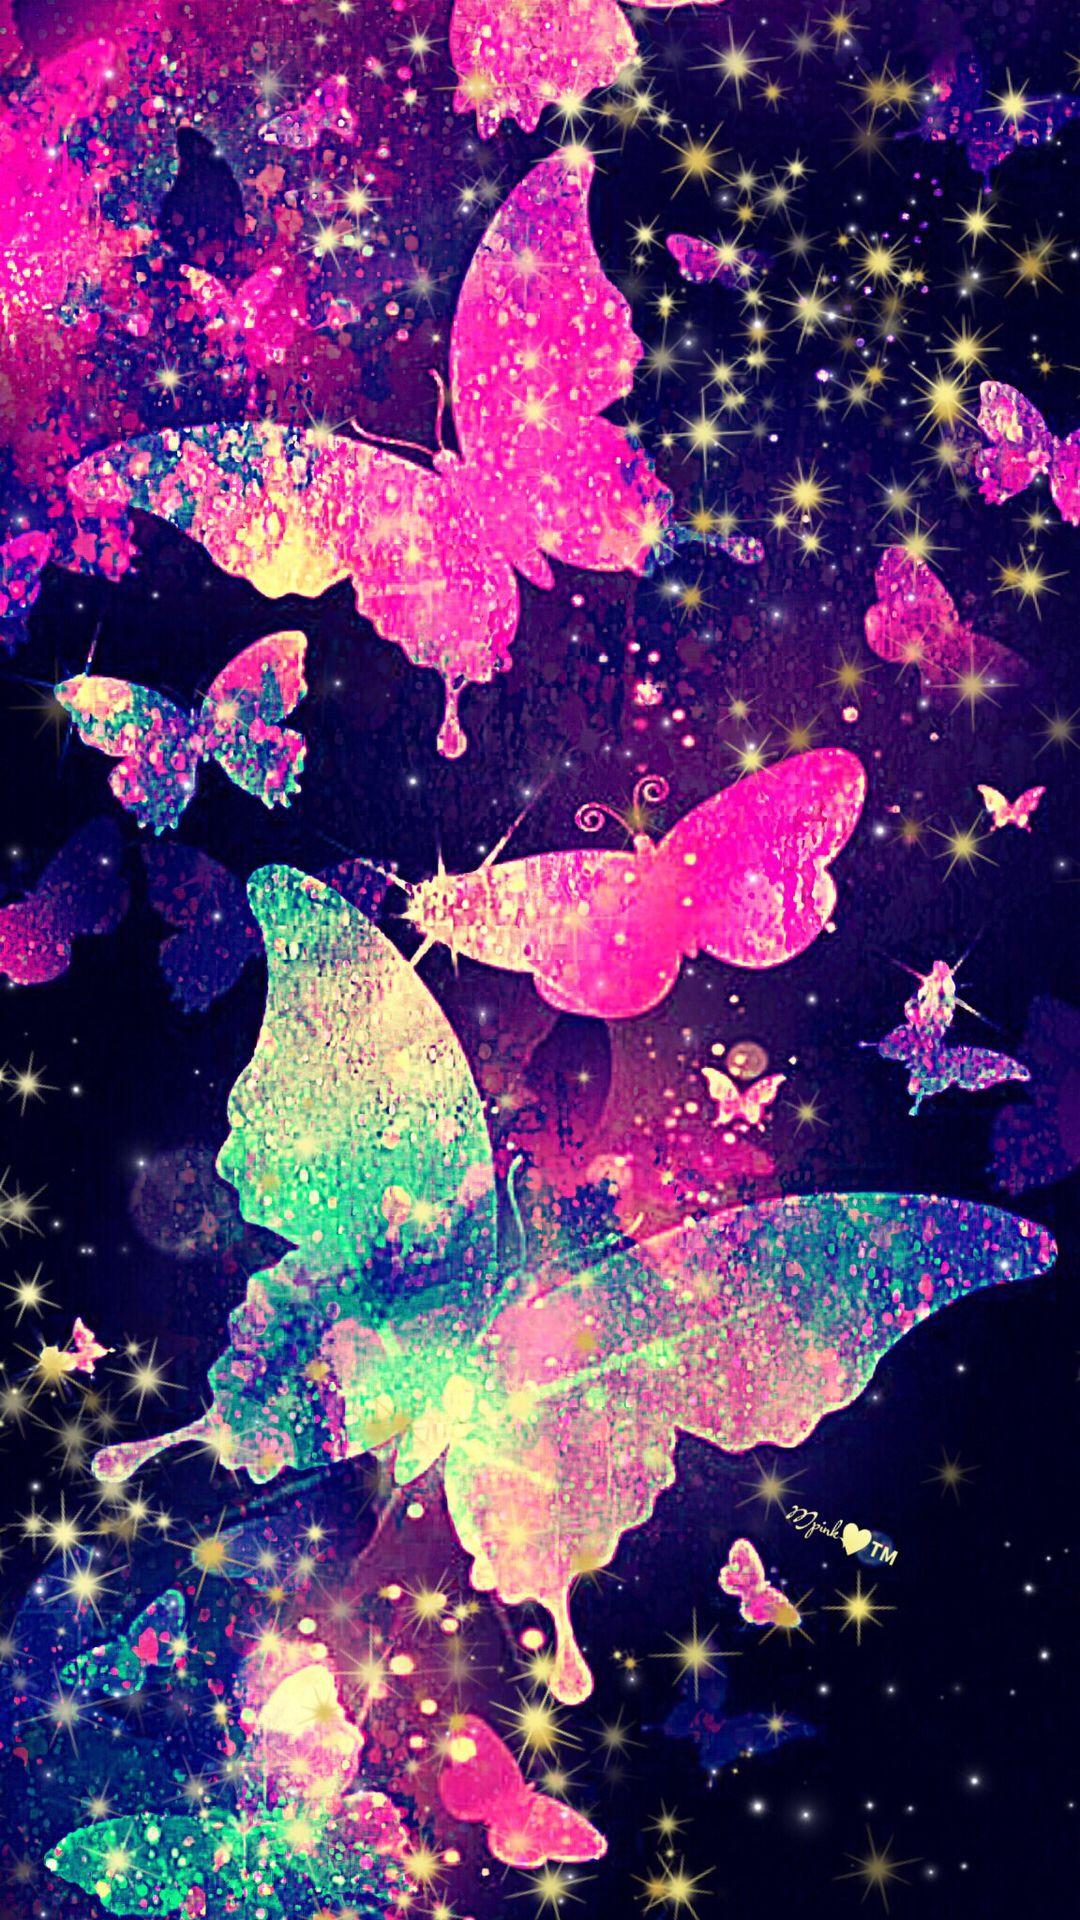 Glitter Butterfly Galaxy Wallpaper Androidwallpaper Iphonewallpaper Sparkle